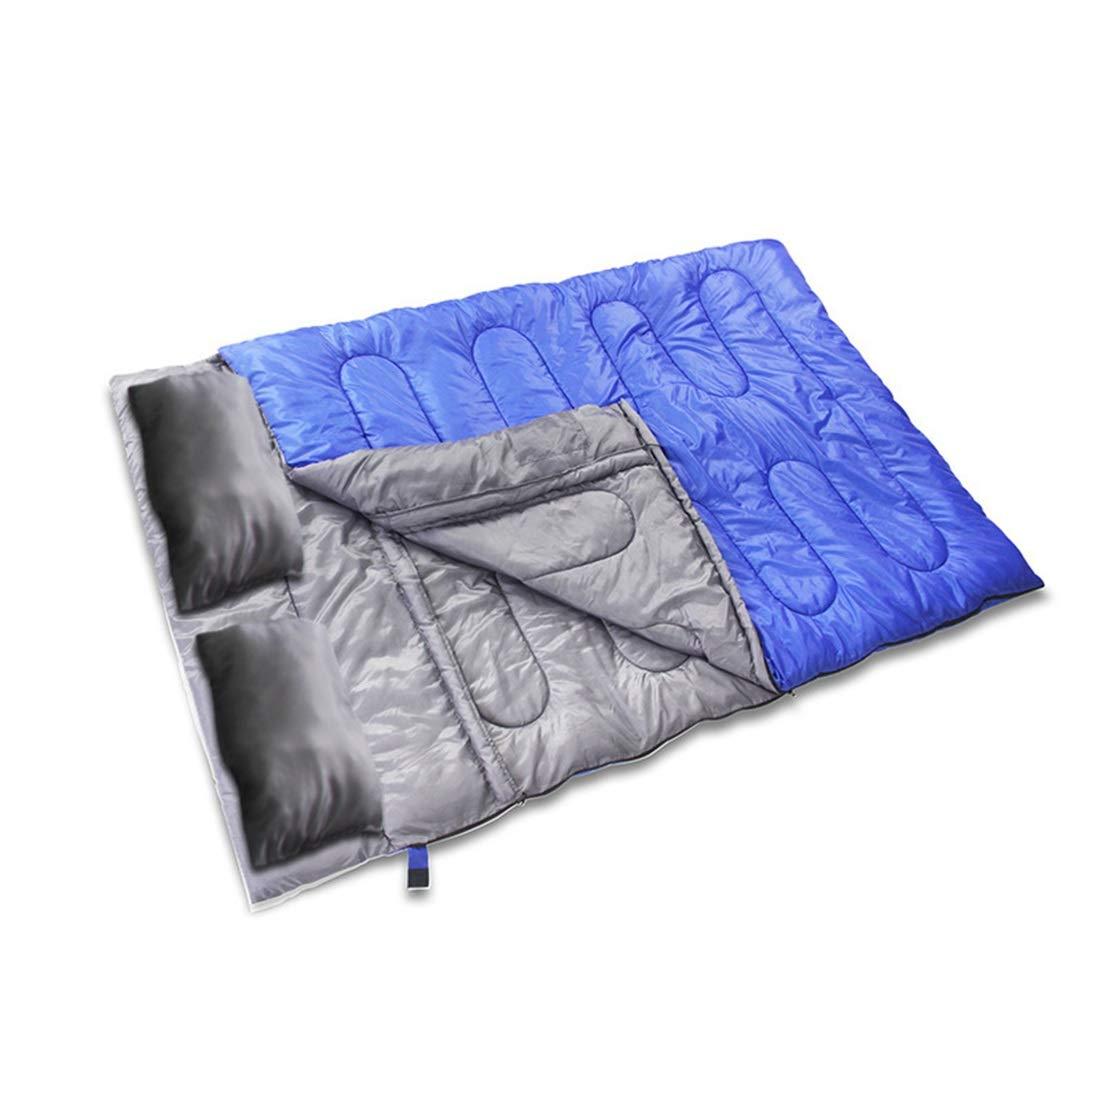 CUBCBIIS 薄い封筒の寝袋屋外旅行4シーズンライナーキャンプコットン拡大と厚く寝袋/黒 (Color : ブルー) B07N5DQMMN ブルー